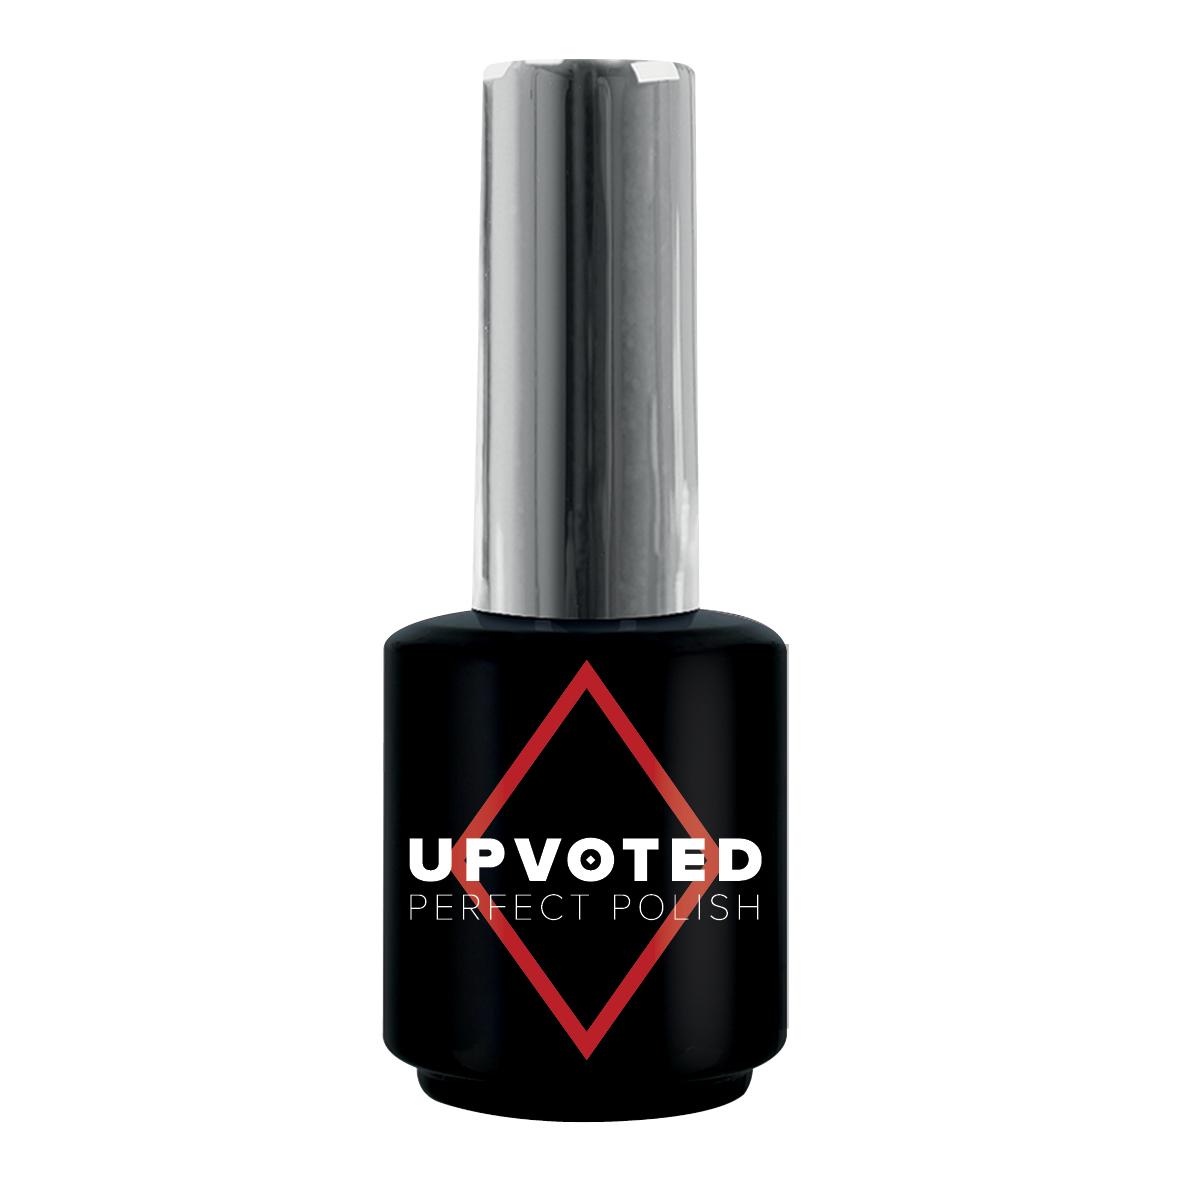 Afbeelding van NP- Gelpolish Upvoted Lipstick #162